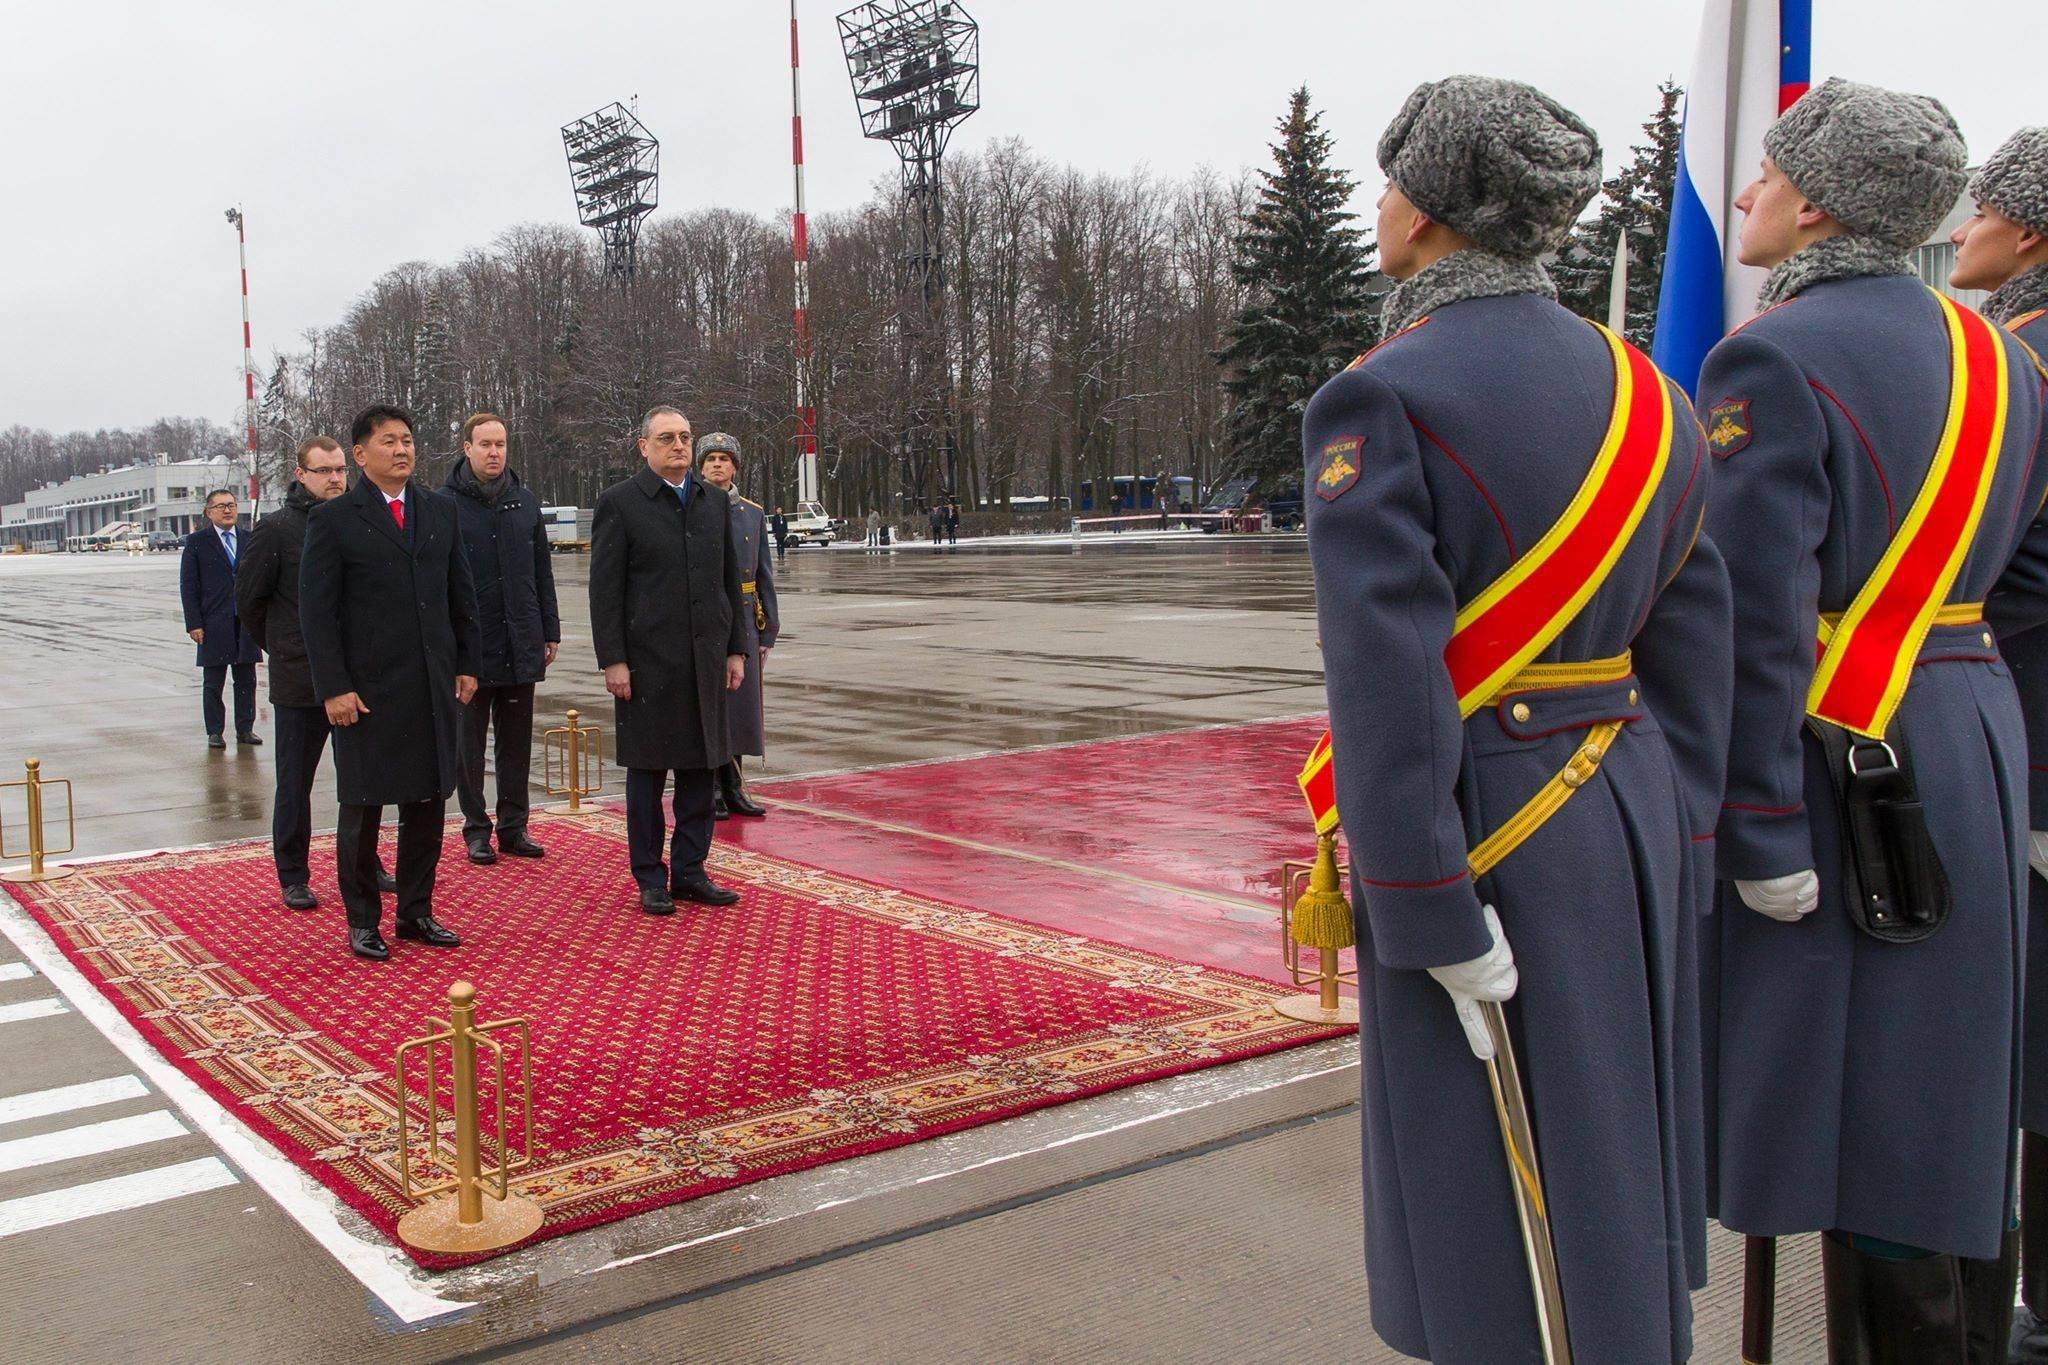 Монгол Улсын Ерөнхий сайд У.Хүрэлсүхийн Оросын Холбооны Улсад хийх албан ёсны айлчлал эхэллээ